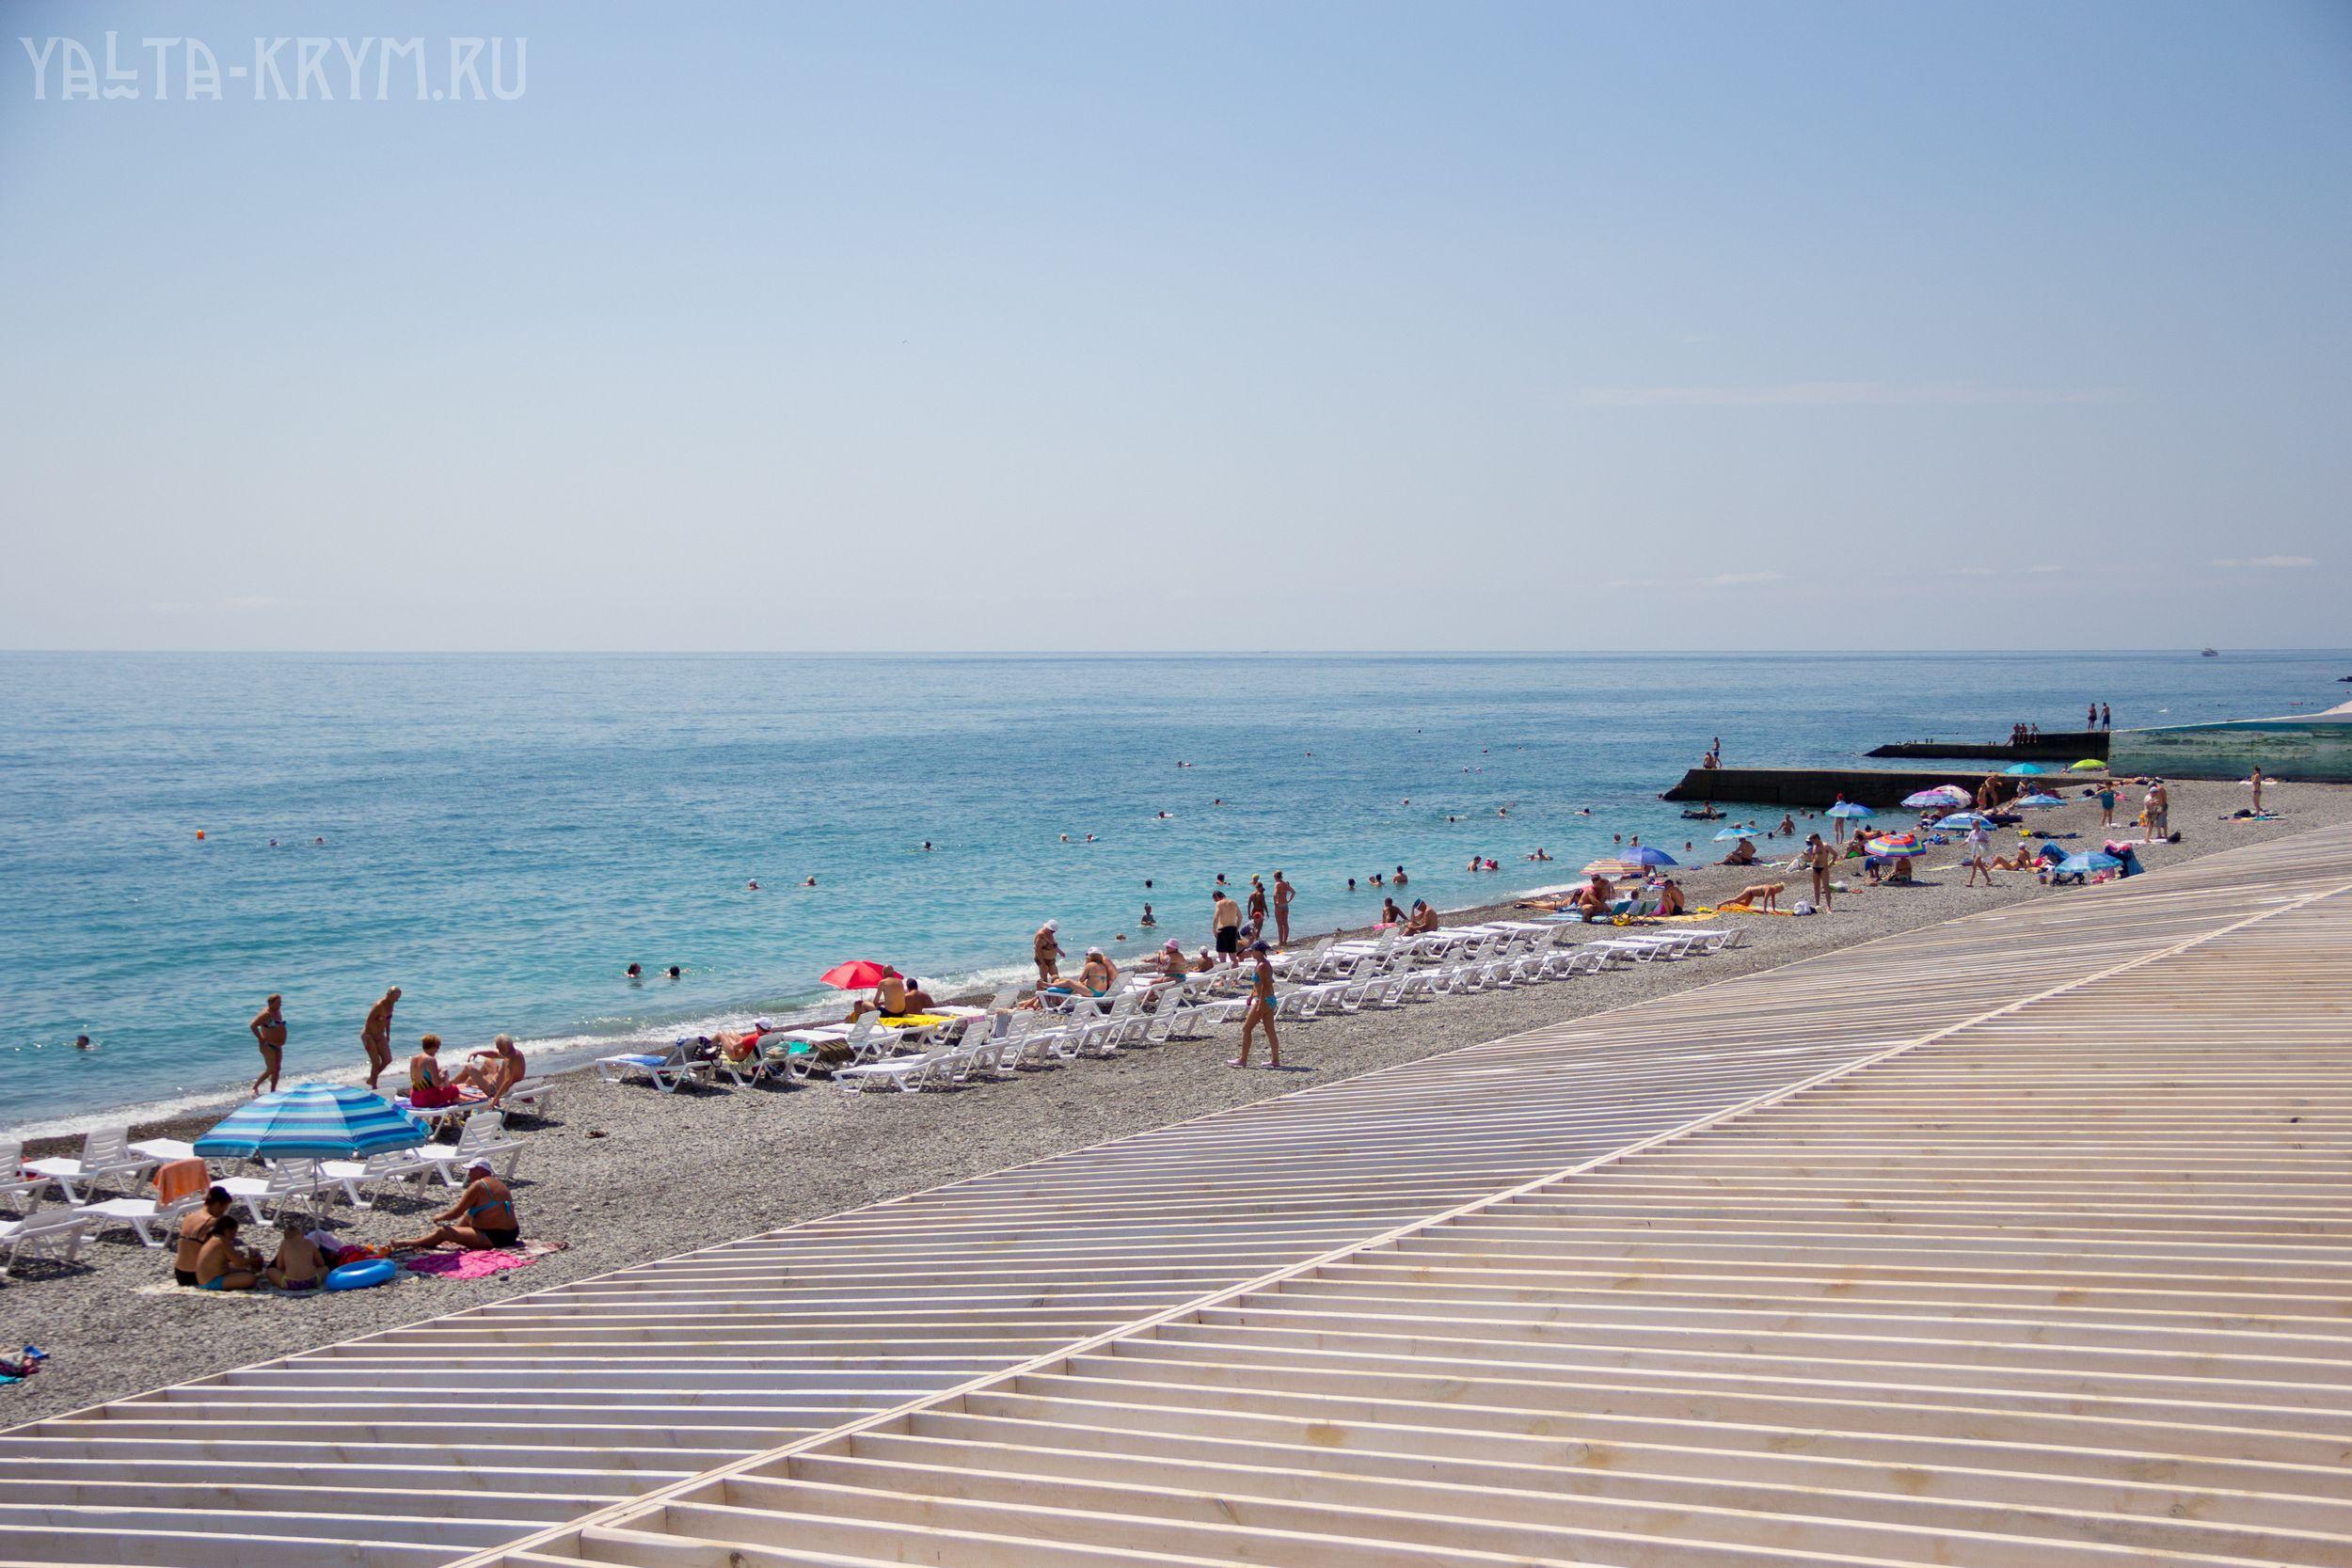 Пляж мо ялта фото